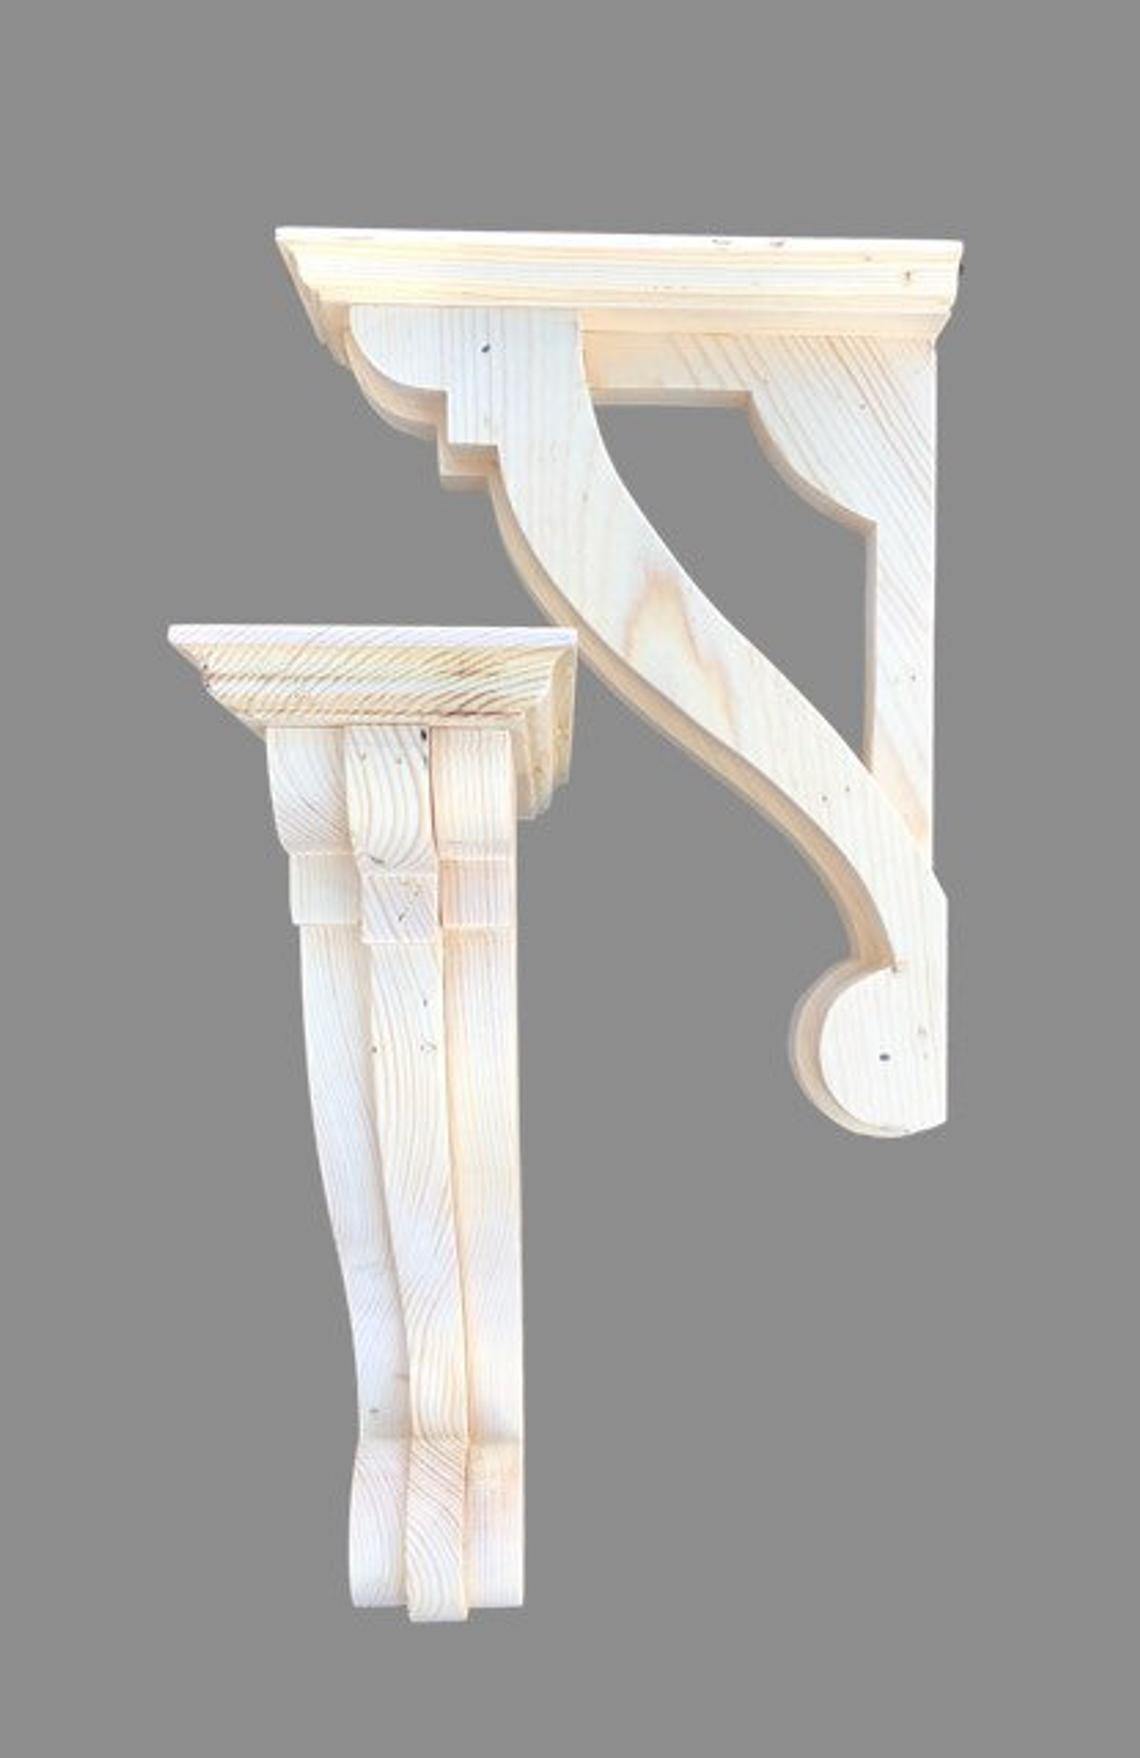 Ornate Wooden Corbel Delicate Carved Corbel Shelf Bracket Shelf Support Shelf Bracket Victorian Shelf Country Decor Wooden Corbels Wood Shelf Brackets Wooden Brackets